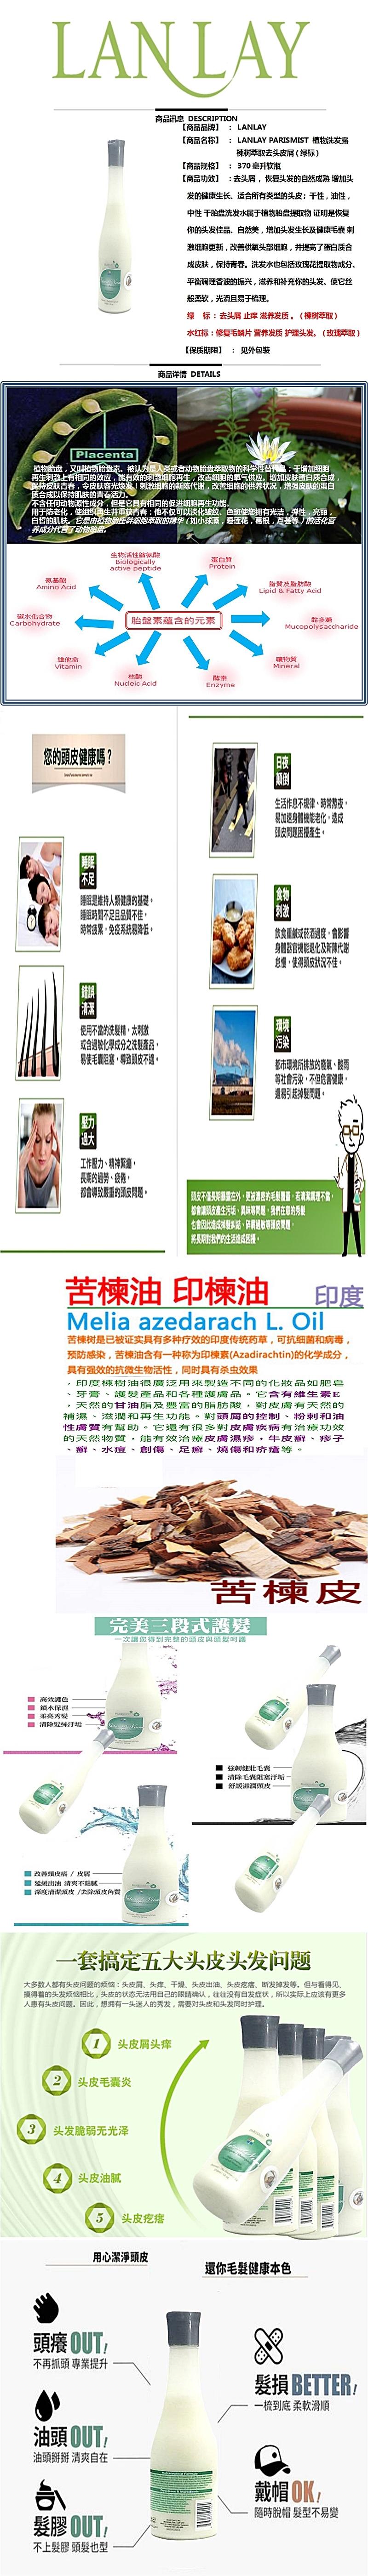 1necs014579new-vert.jpg